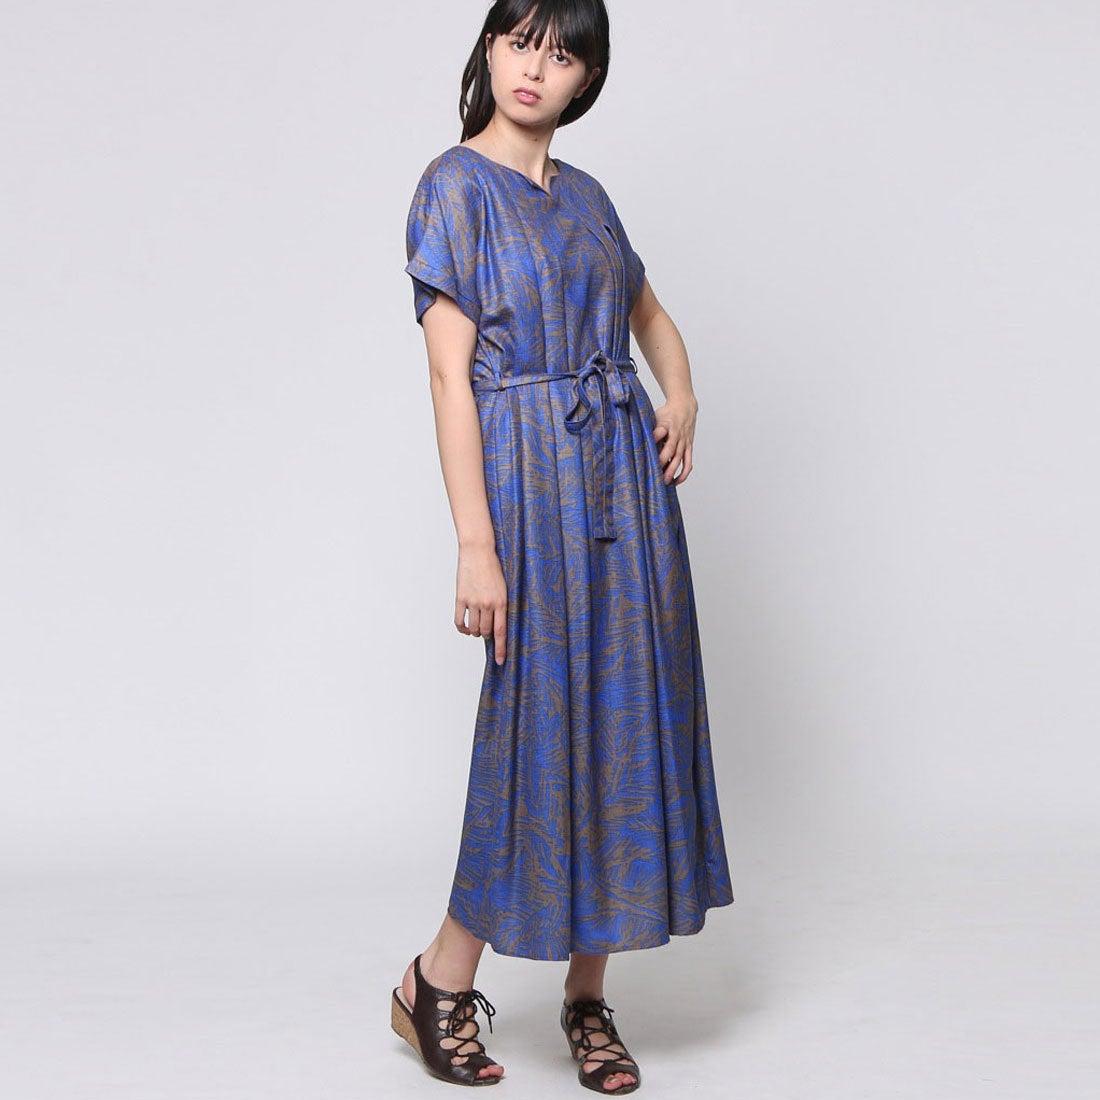 fd38b4a33a0a9 FINE (Rename) ファイン FINE ボタニカル柄ロングワンピース (ブルー×ブラウン系)-Rename.jp - 服の新しい売り方